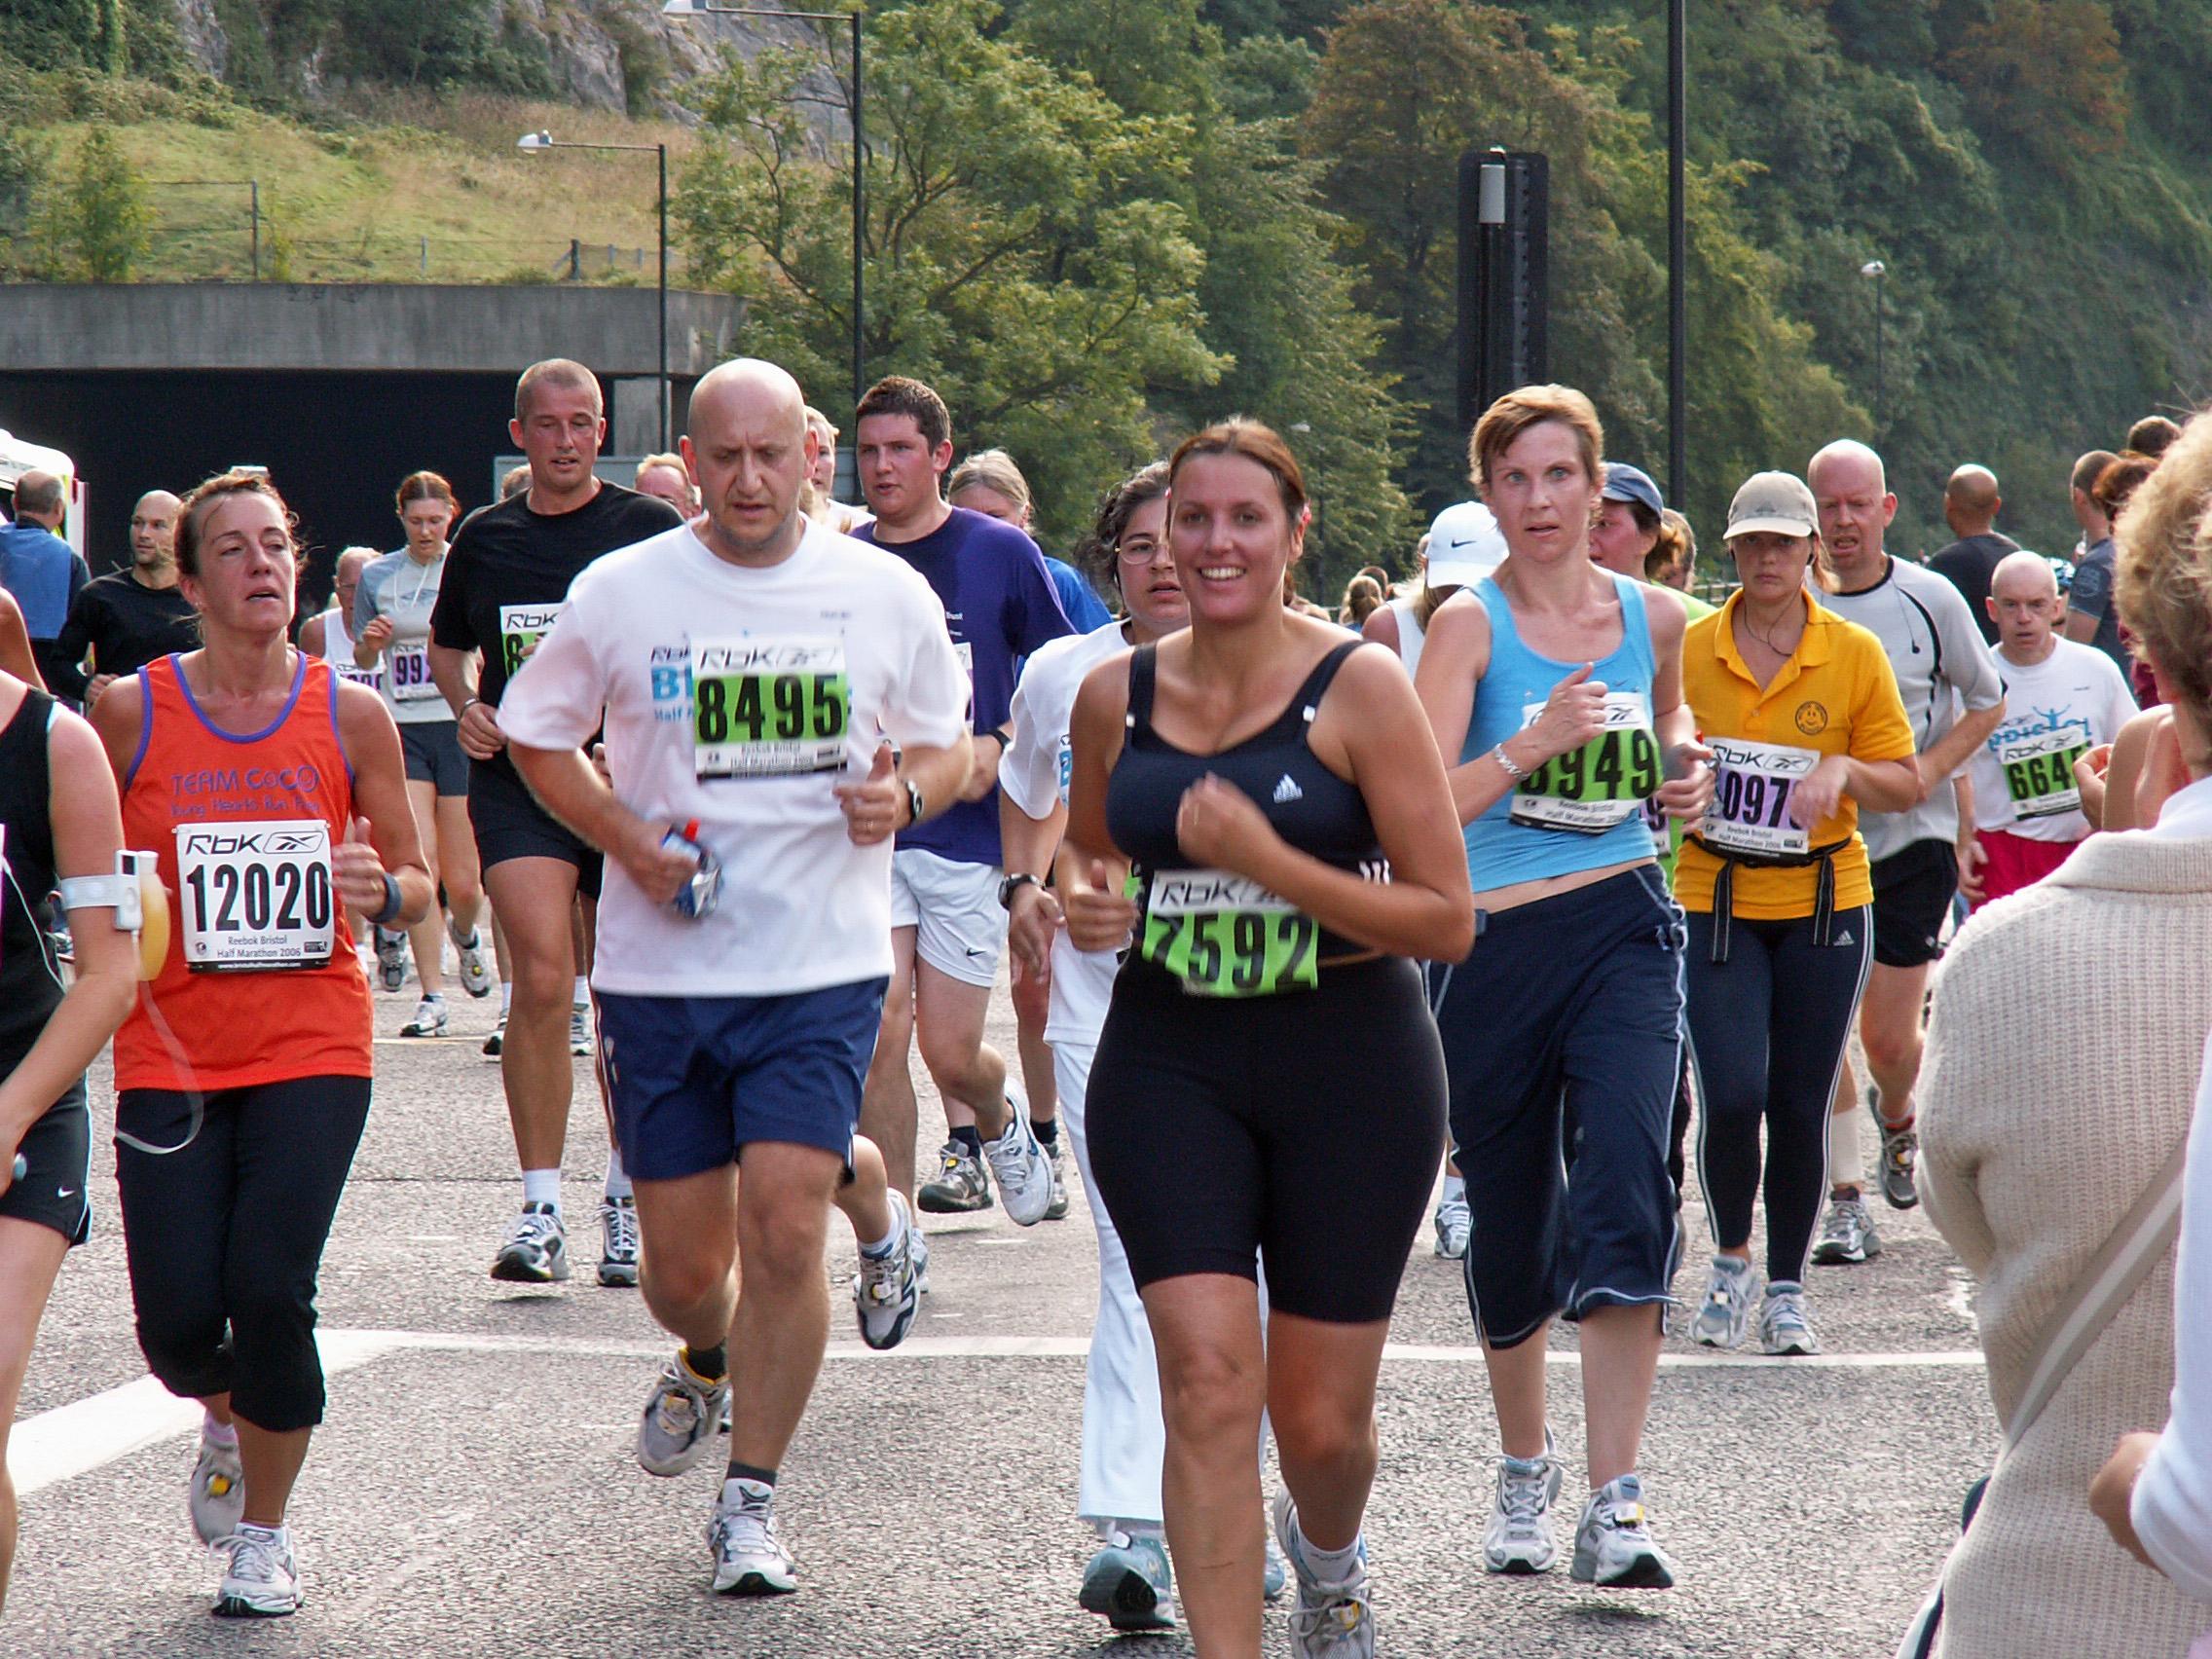 Archivo:Bristol Half Marathon.jpg